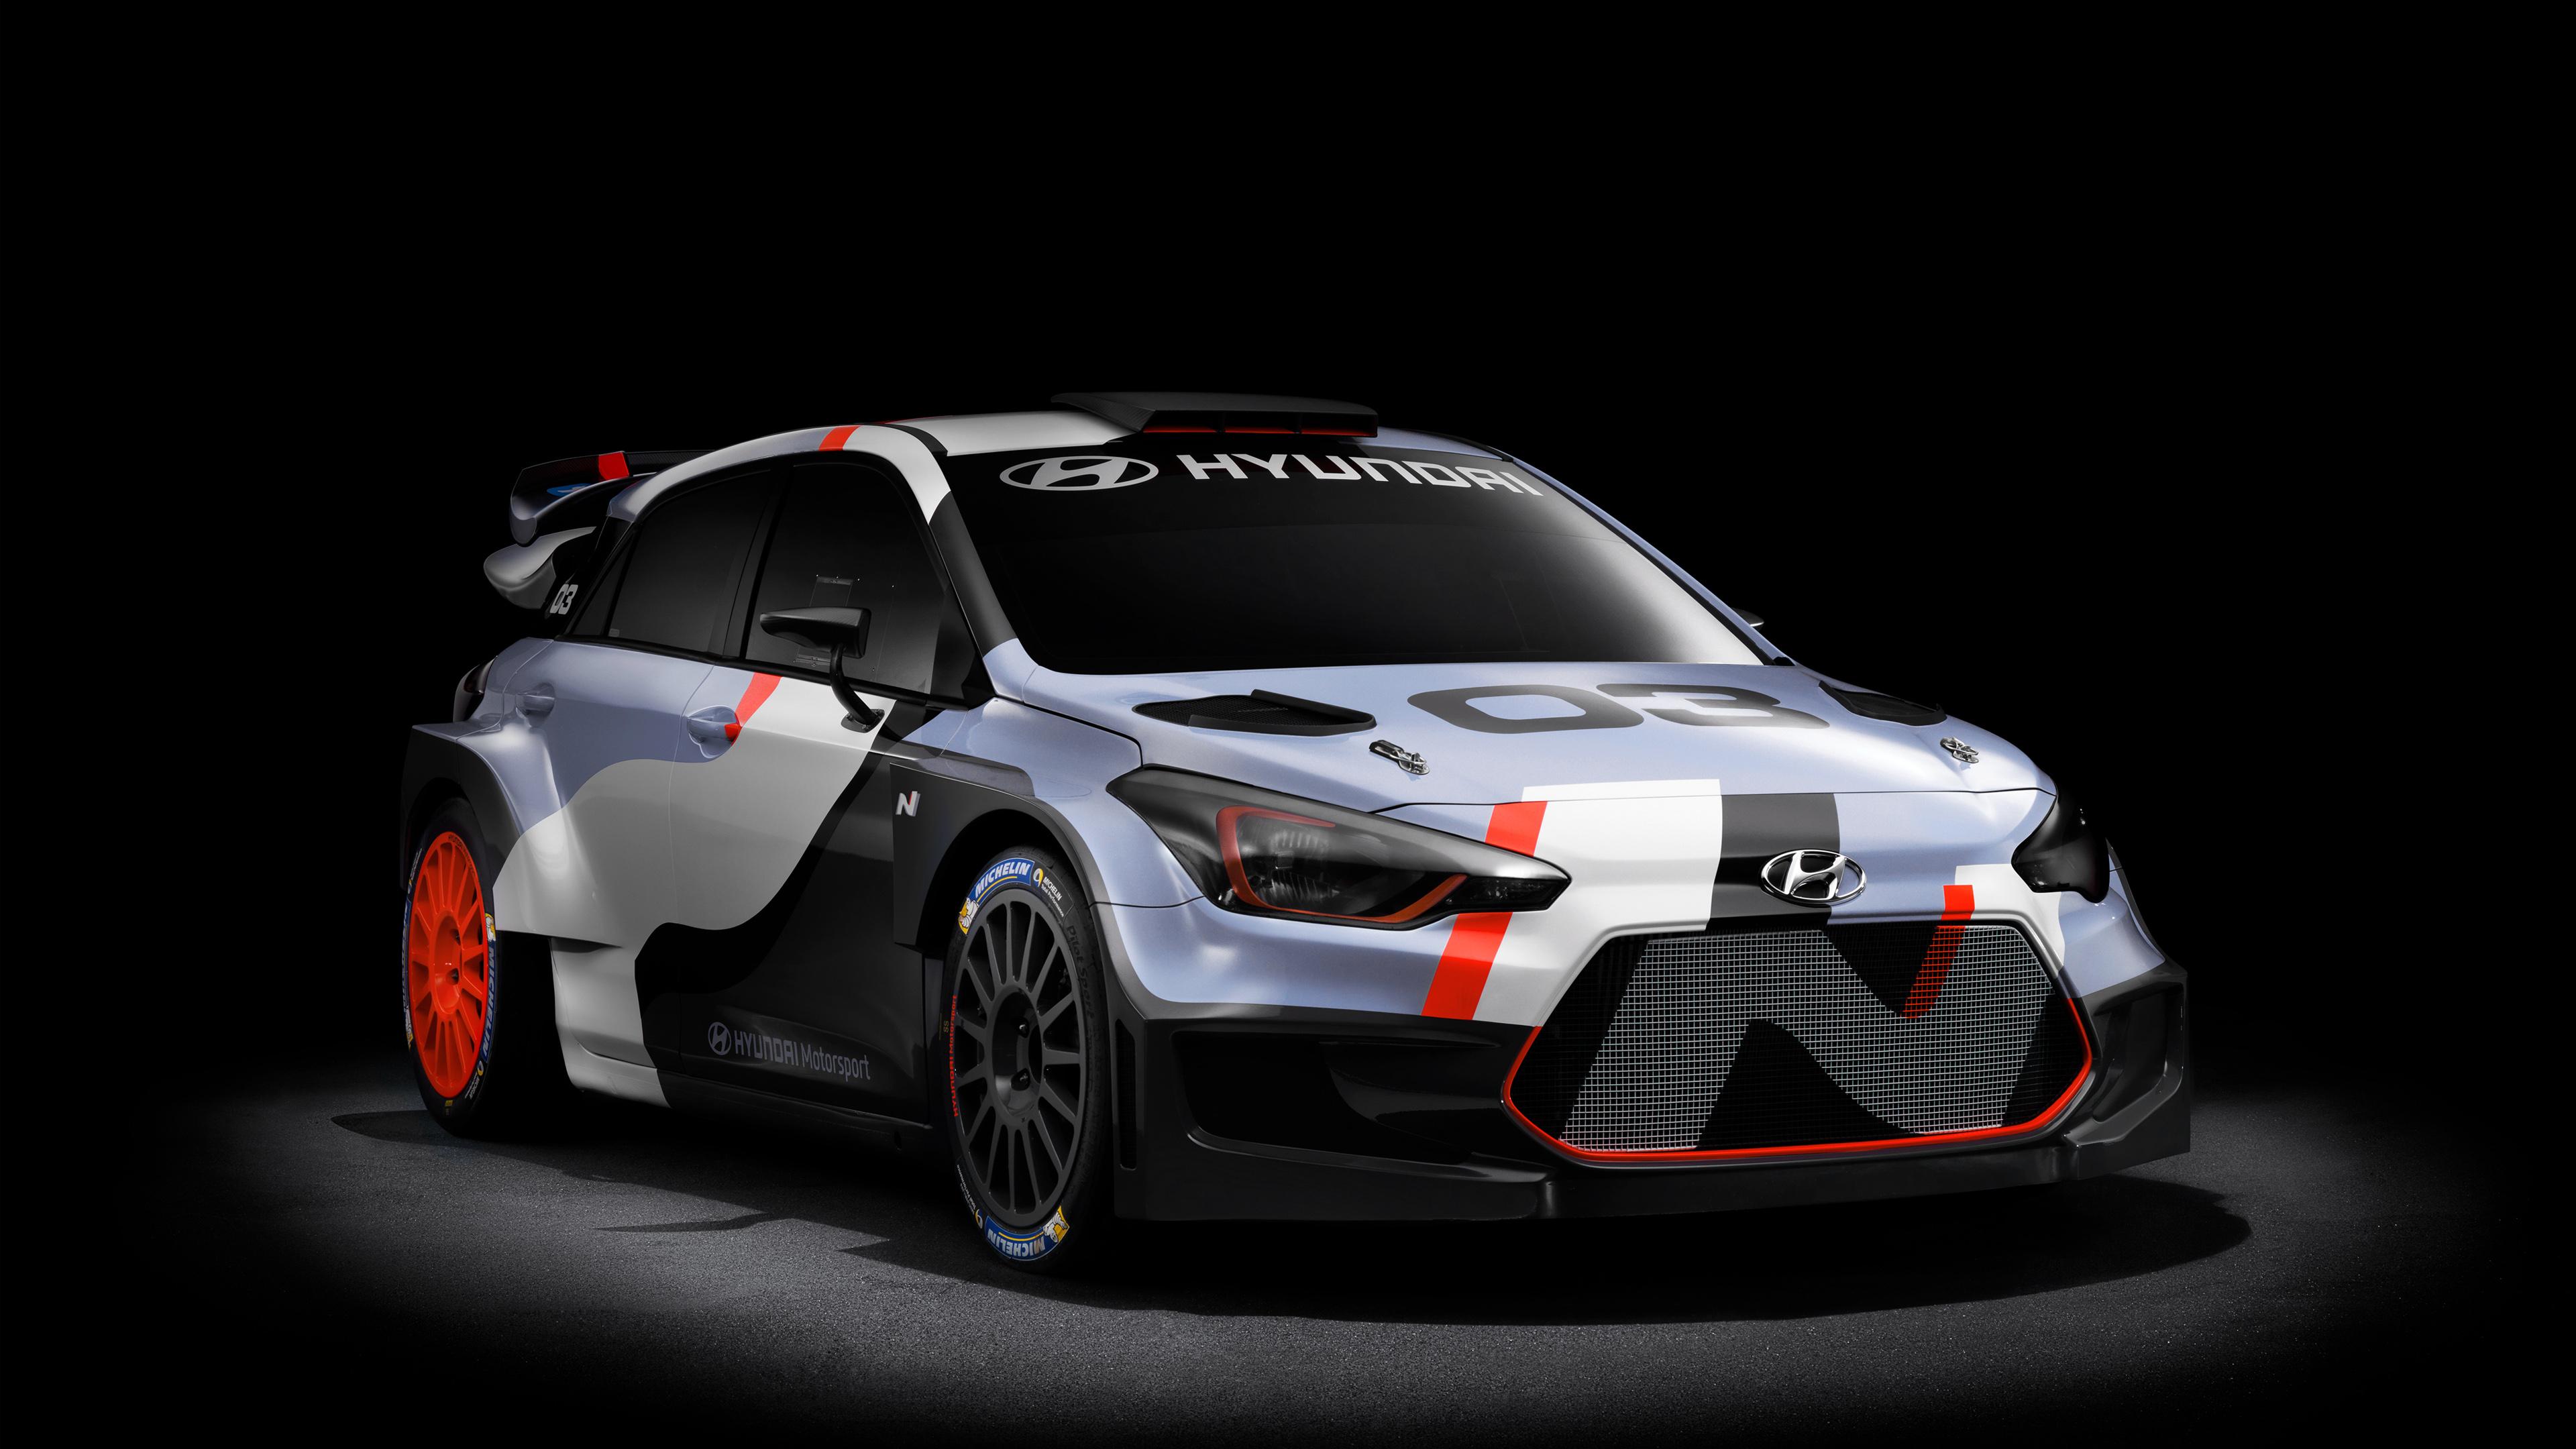 2015 Hyundai I20 WRC Concept Wallpaper HD Car Wallpapers